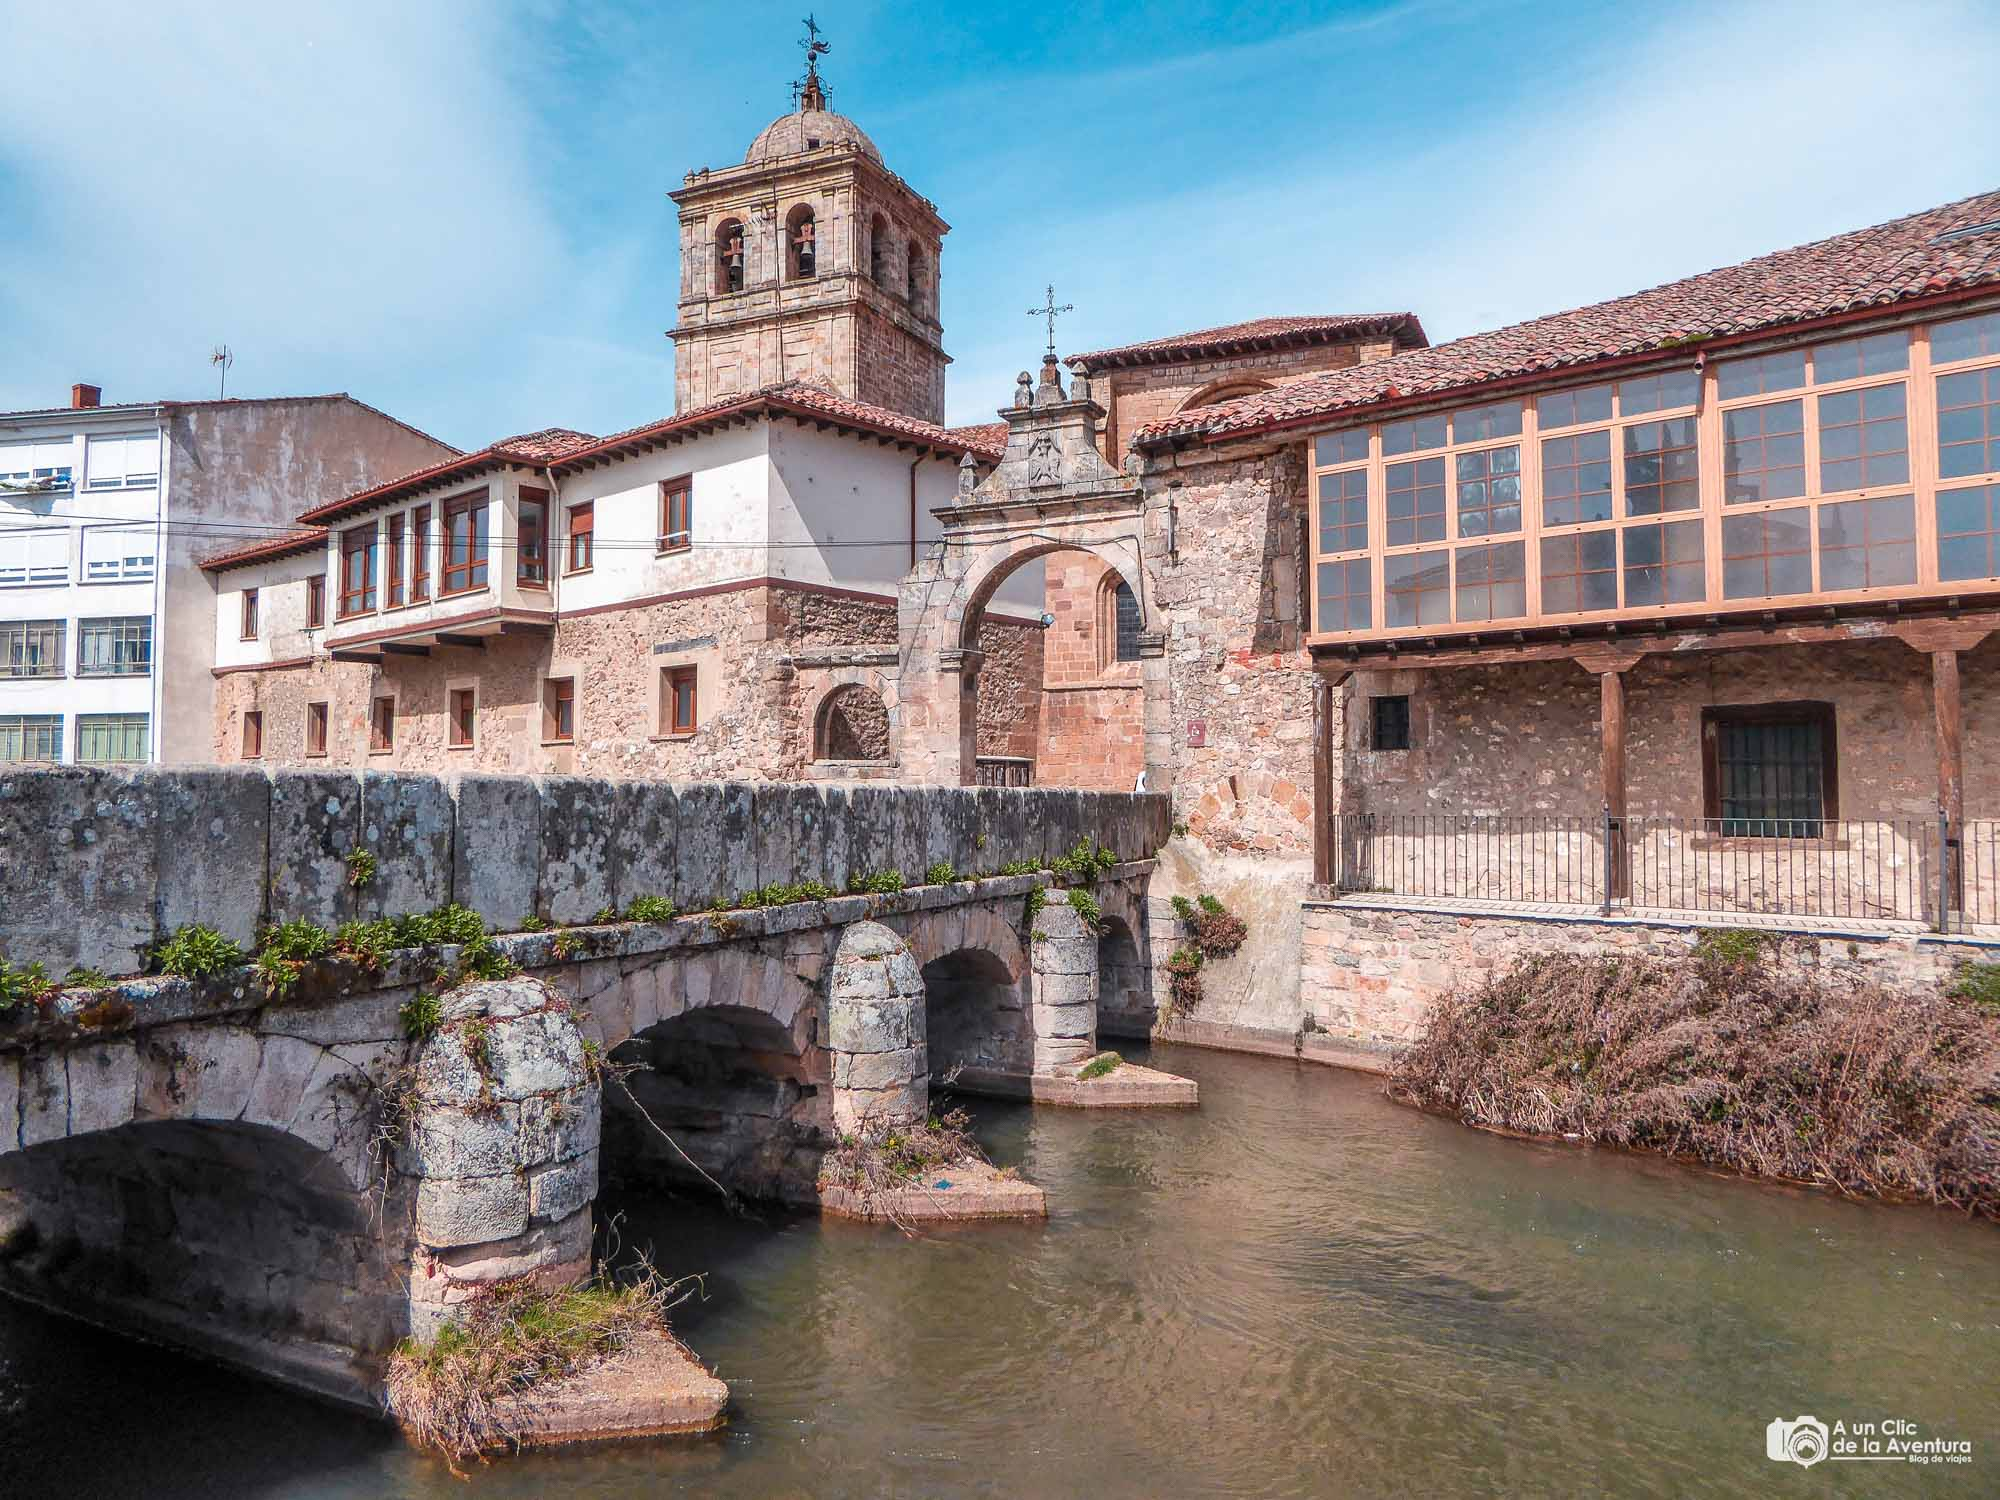 Centro histórico de Aguilar de Campoo